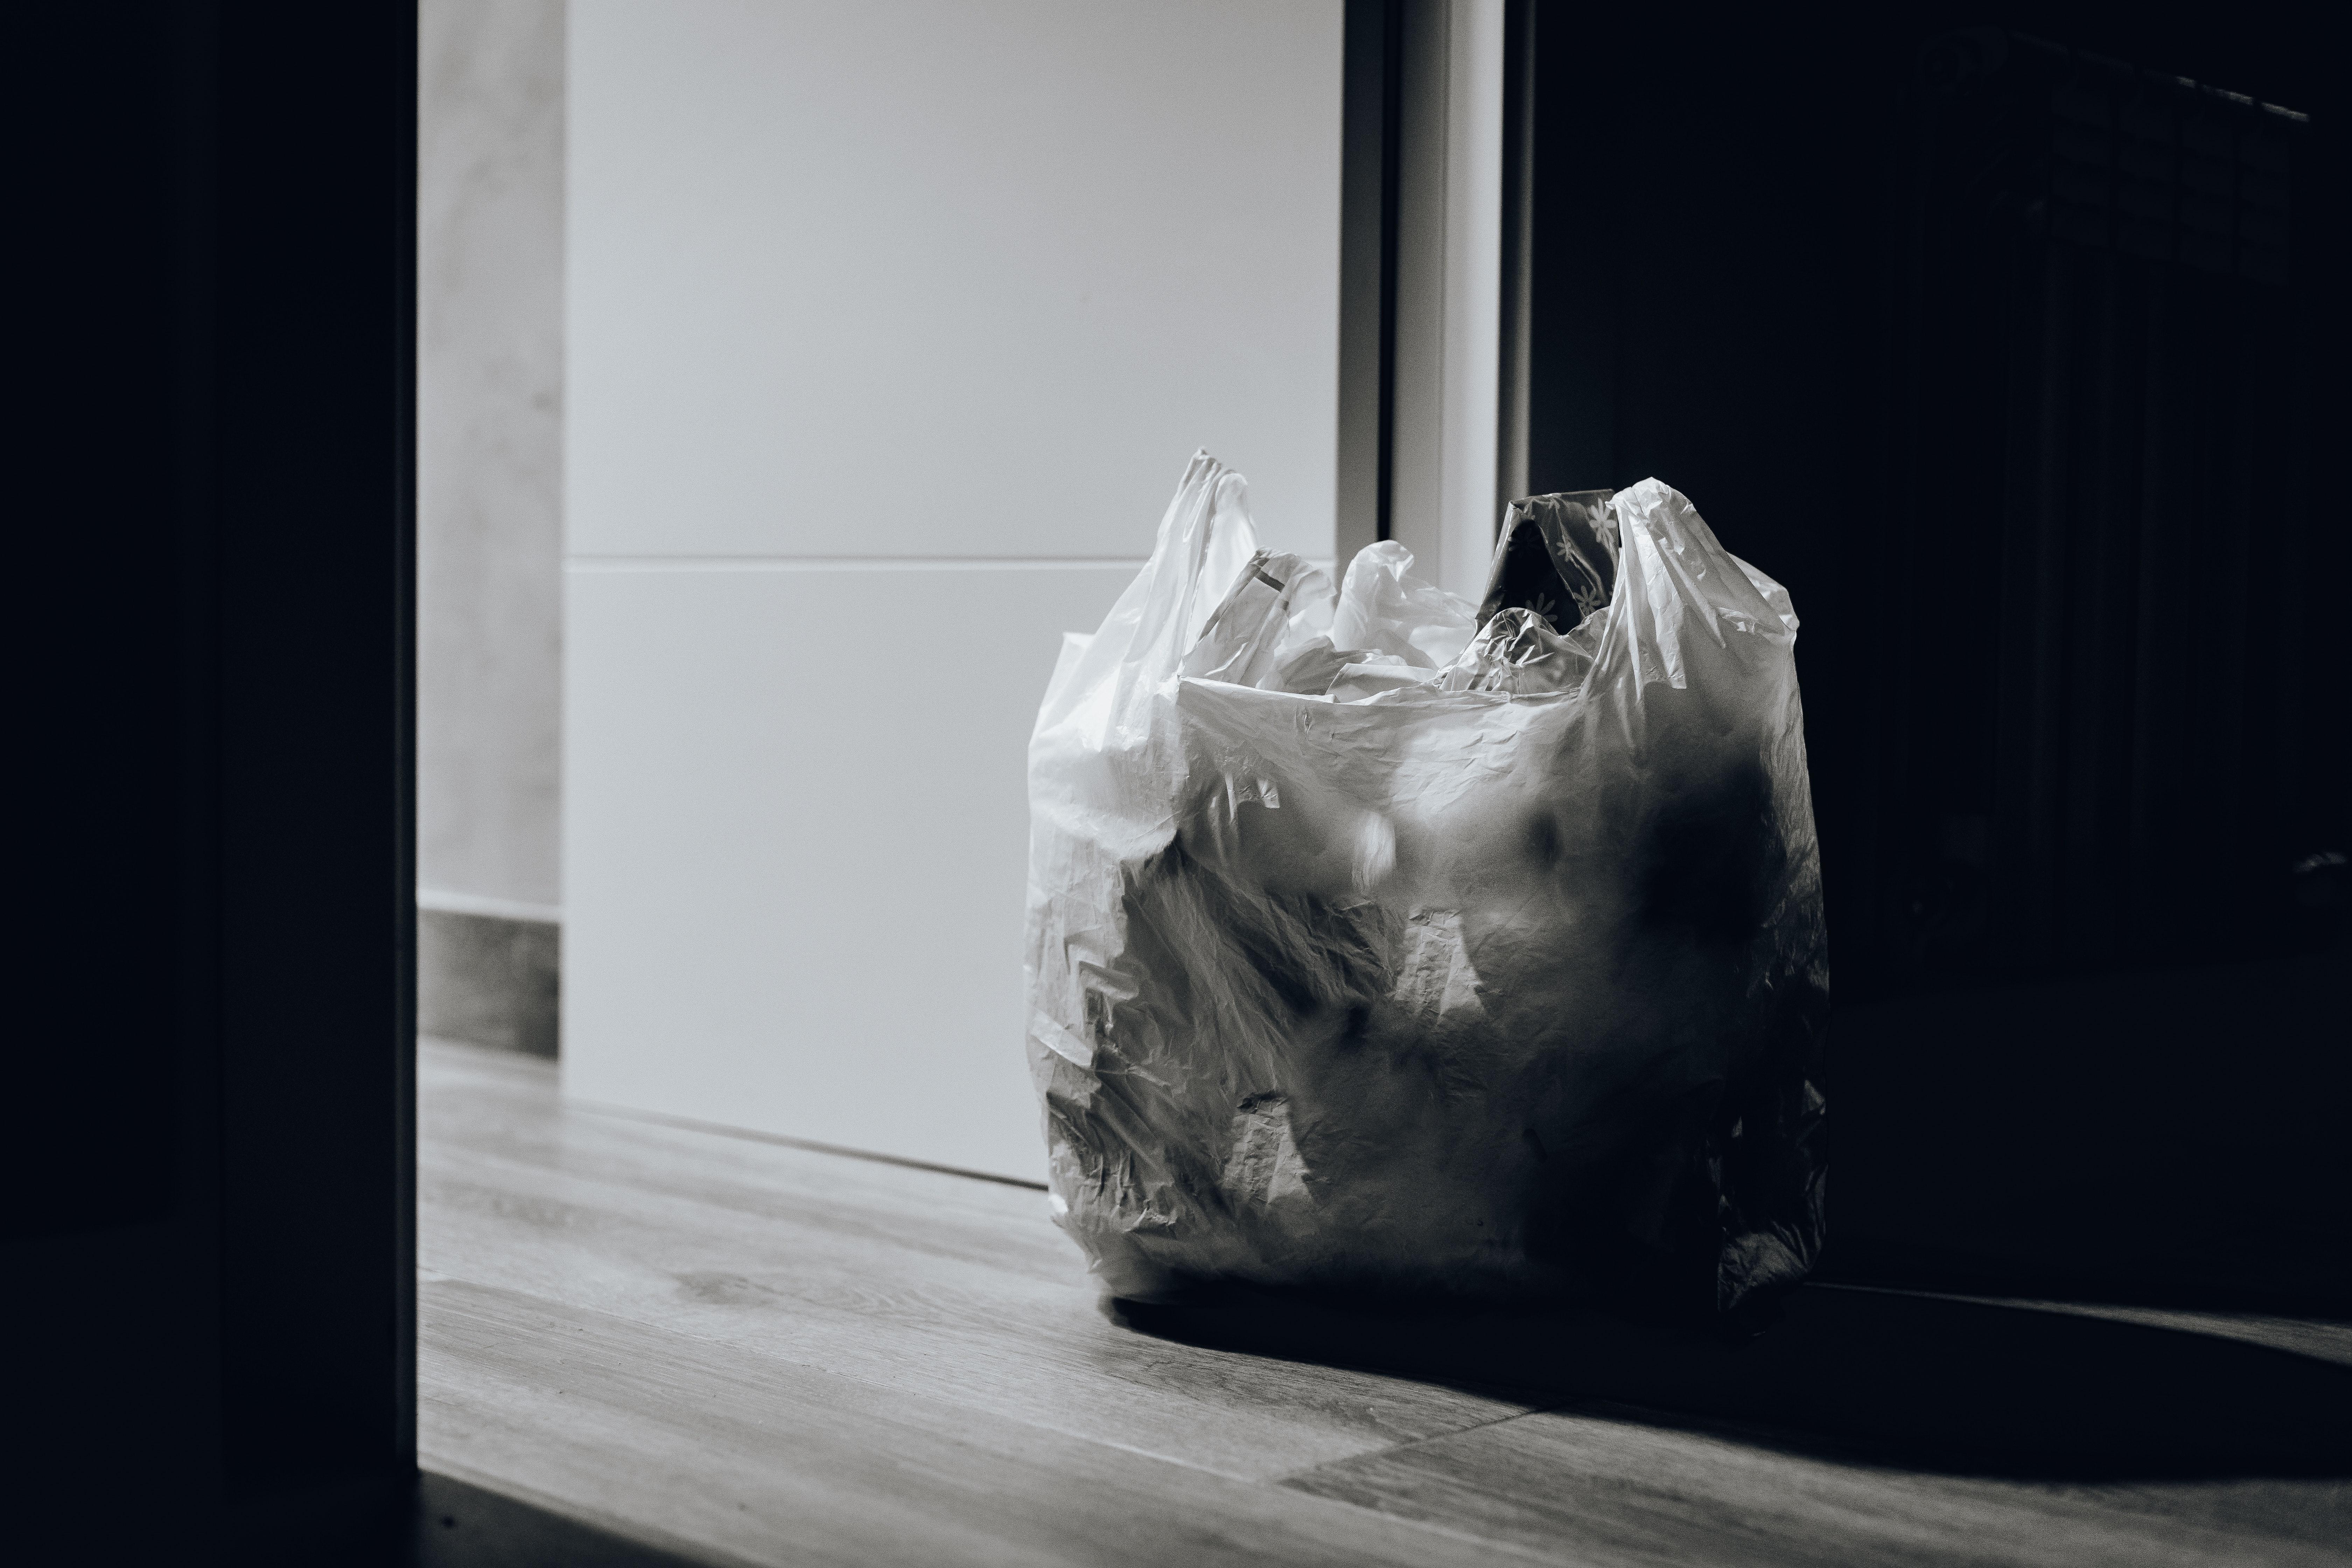 Торби с боклук пред вратата<br /> Торбата с неизхвърления боклук можете да оставите пред вратата на жилището – но само за малко! И после по най-бързия начин да я изхвърлите на определеното място. Никому и наум не идва, че боклукът може да остане пред вратата повече от няколко минути, камо ли часове. А това е и строго забранено.